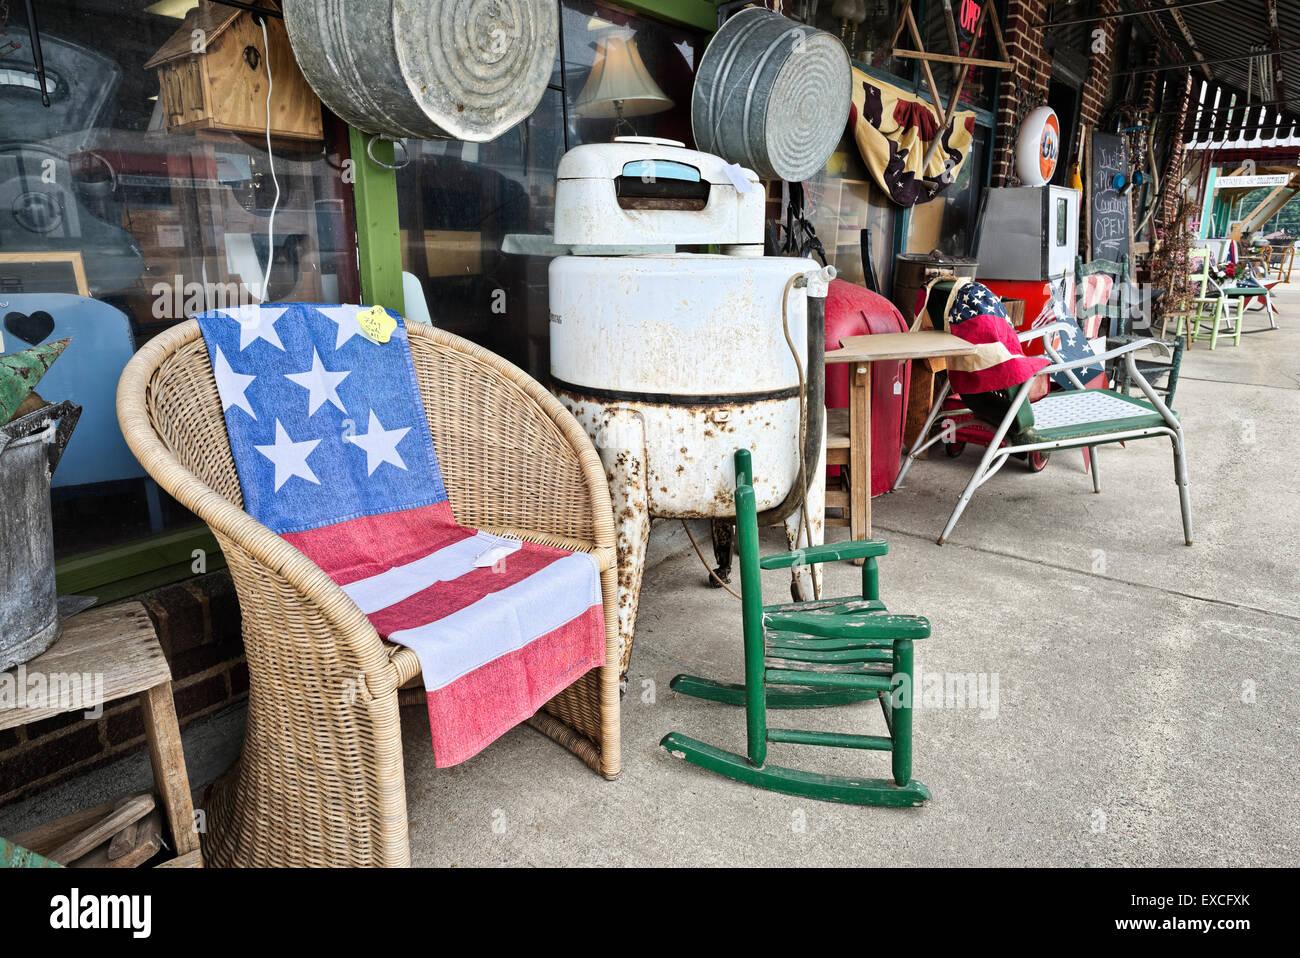 Bürgersteig Antiquitäten außerhalb Antik speichern nur Plain Land in Nussbaum Cove, North Carolina Stockbild